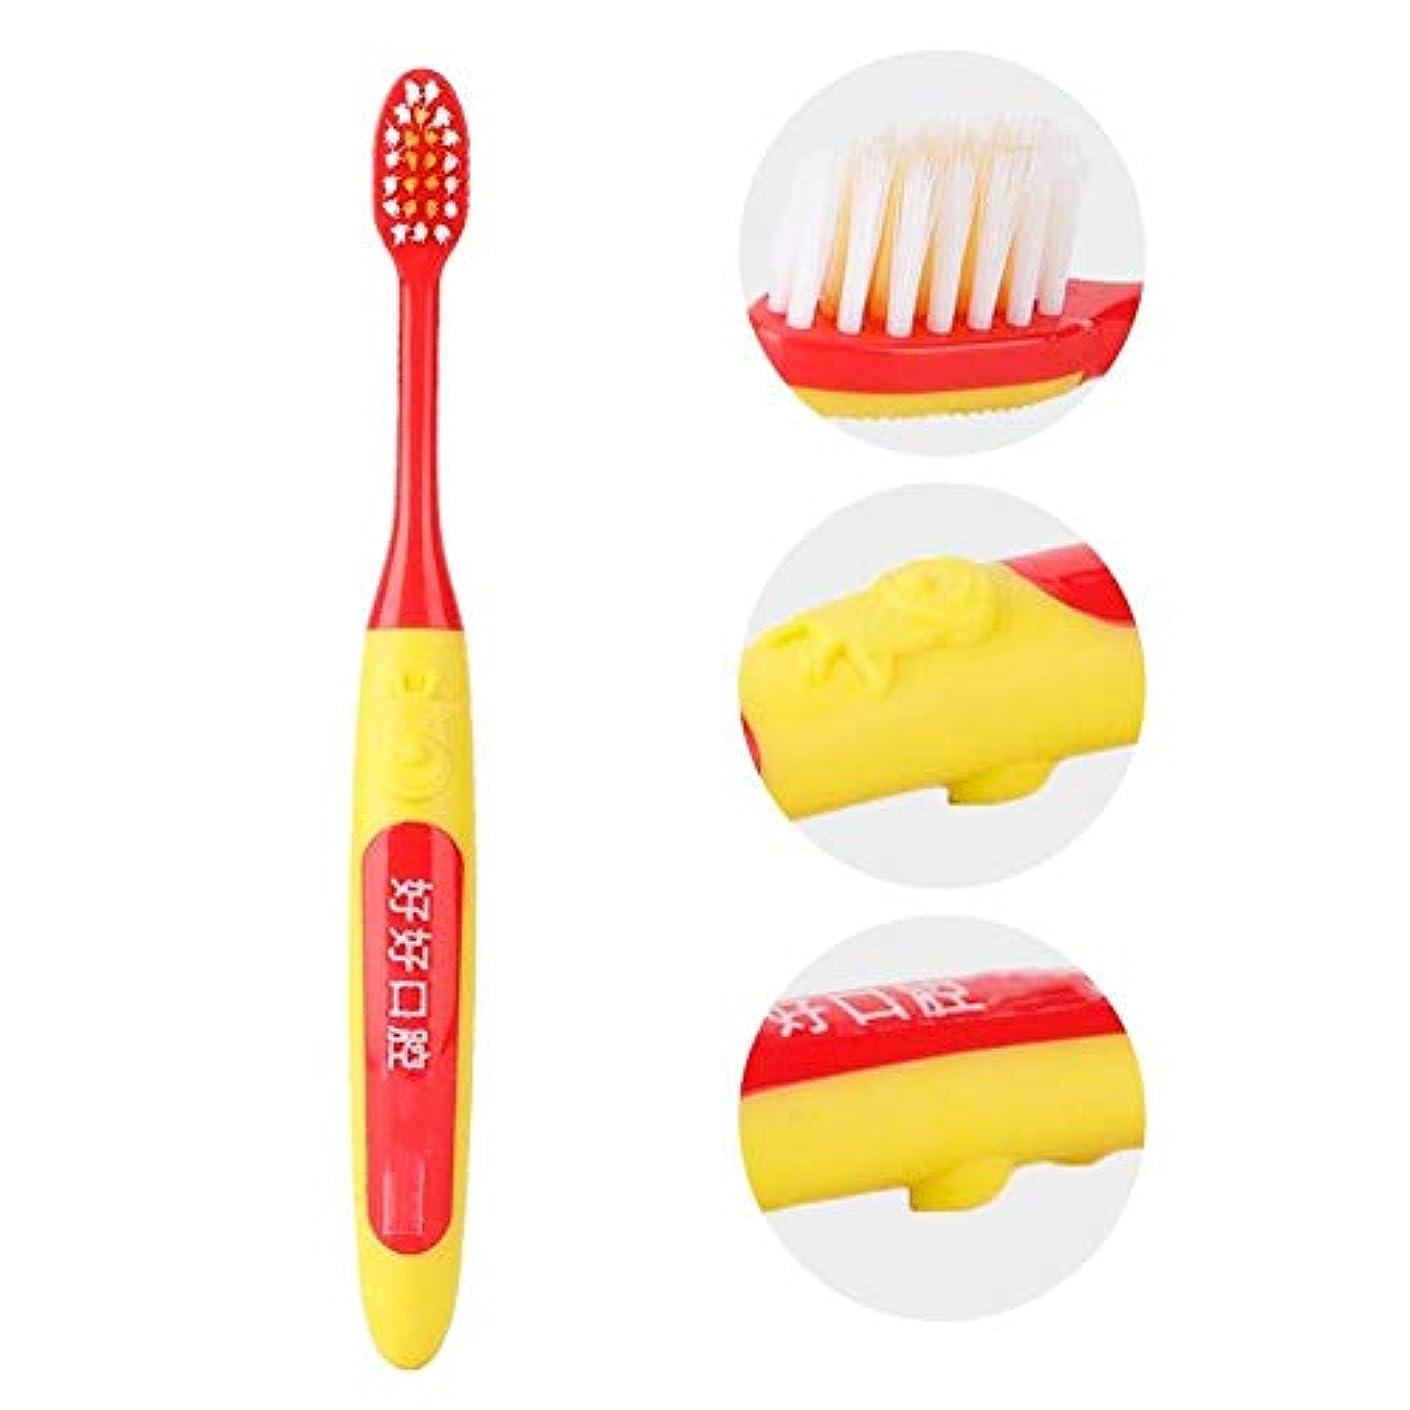 けがをするミネラル百万歯ブラシ子供の柔らかい髪の歯ブラシかわいい子供のクリーニング歯ブラシオーラルケアツール(黄色いハンドル)